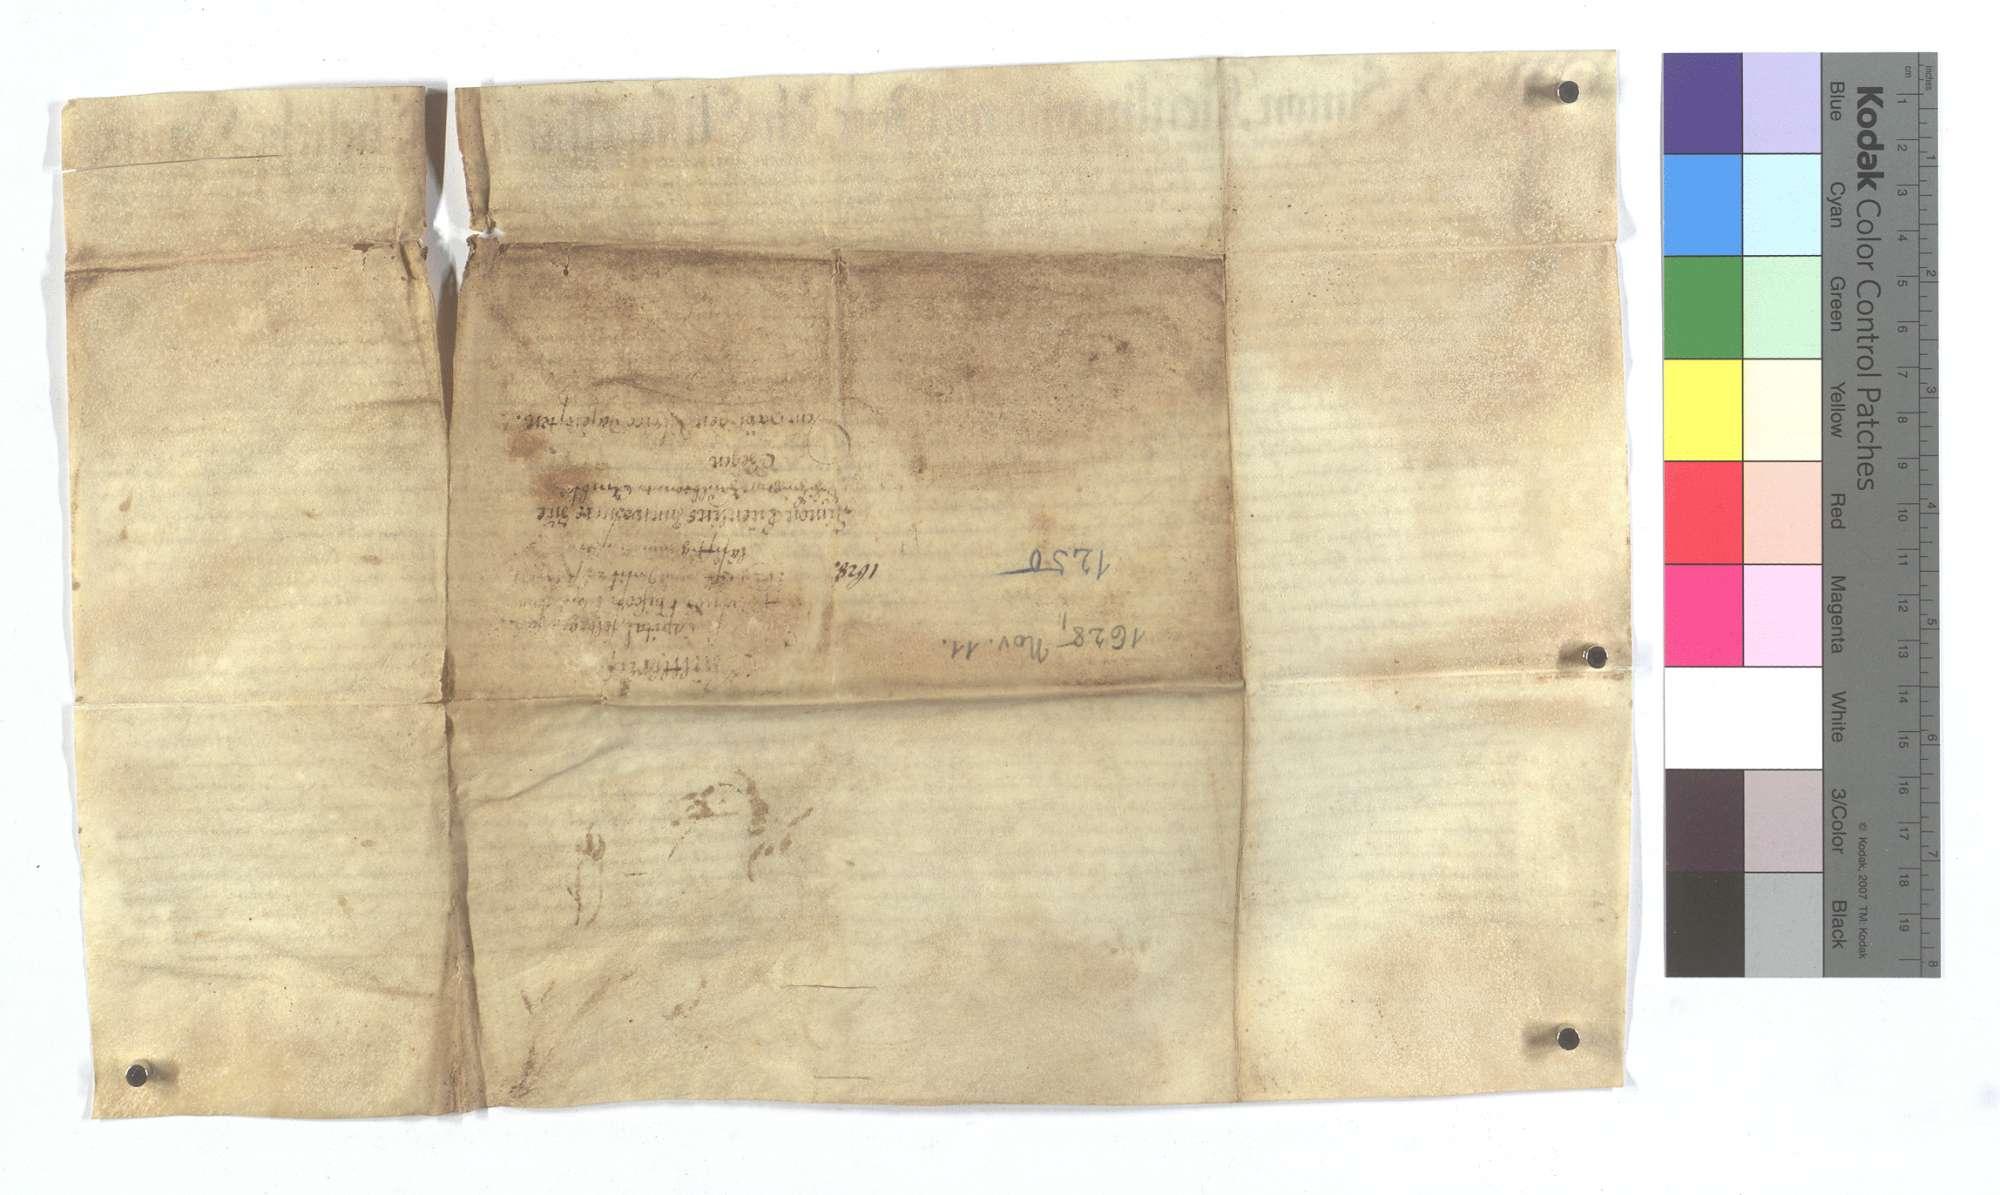 Verschreibung des Hans Kienlin und seiner Frau Elisabeth um 2 Gulden 30 Kreuzer auf Martini., Rückseite